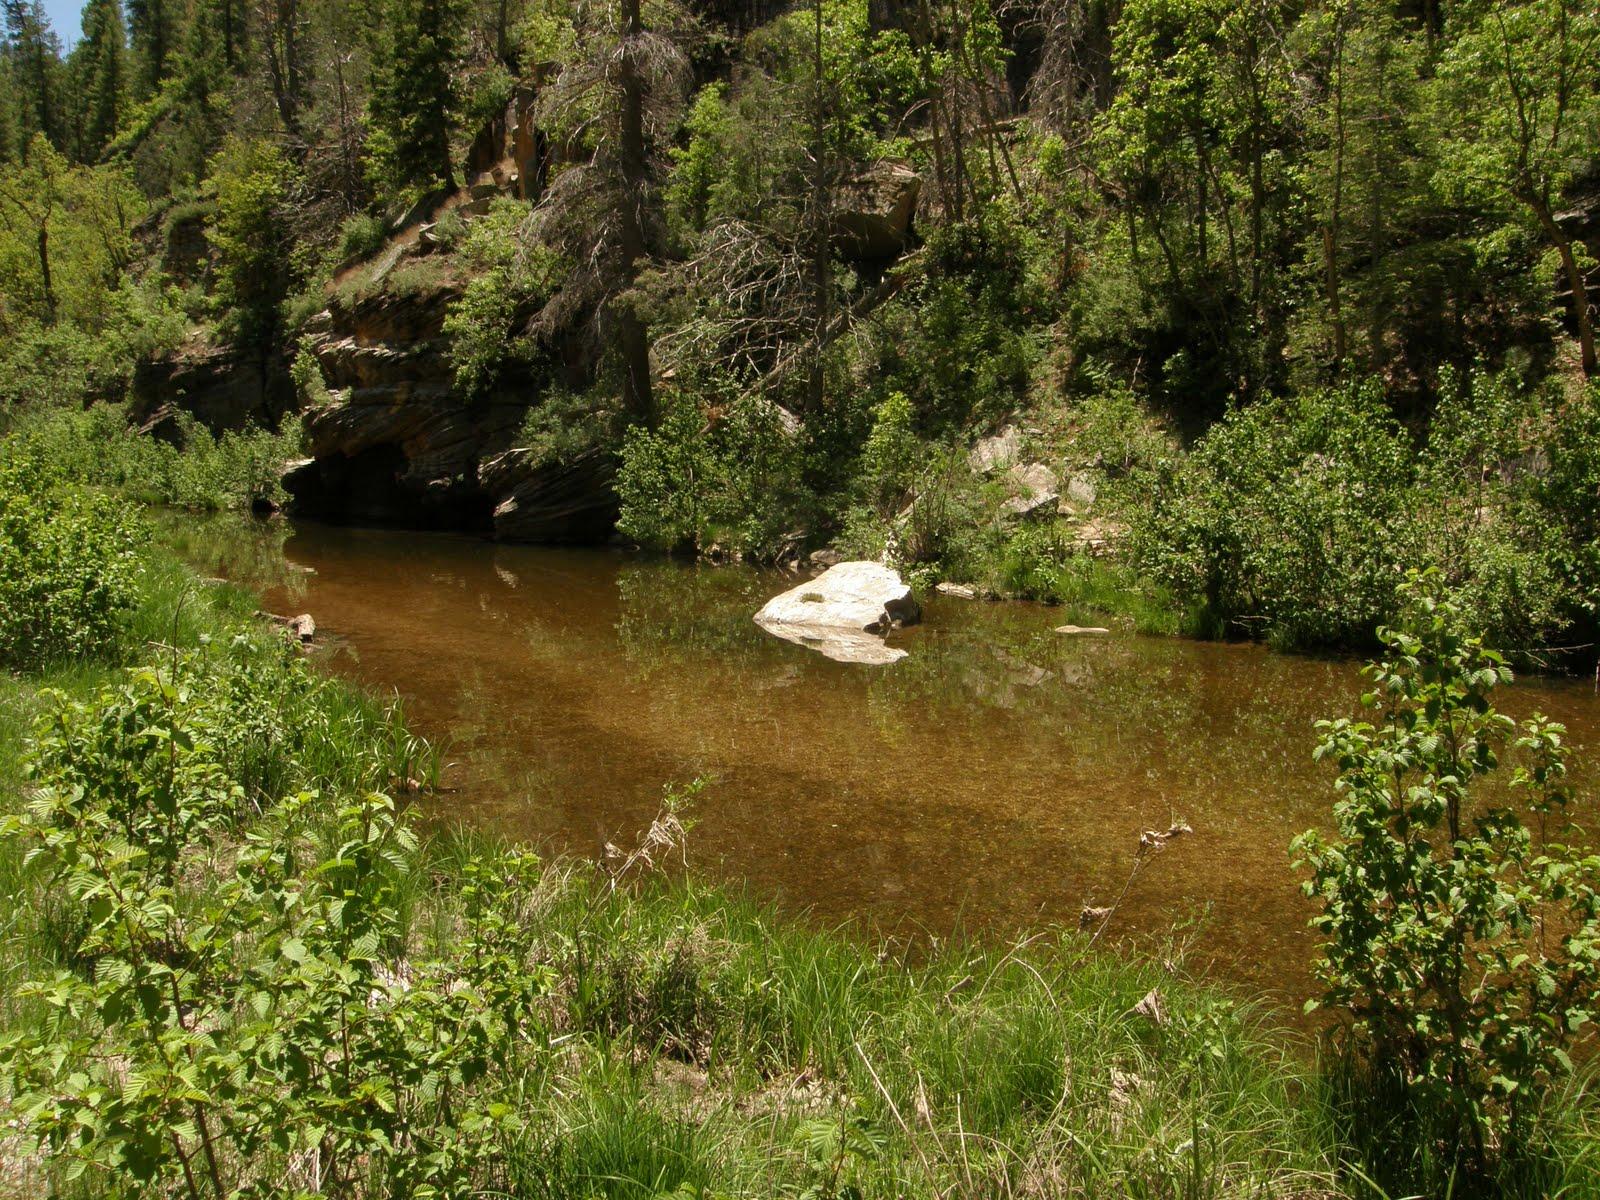 Oak creek angler june 2010 for Clear creek fishing report